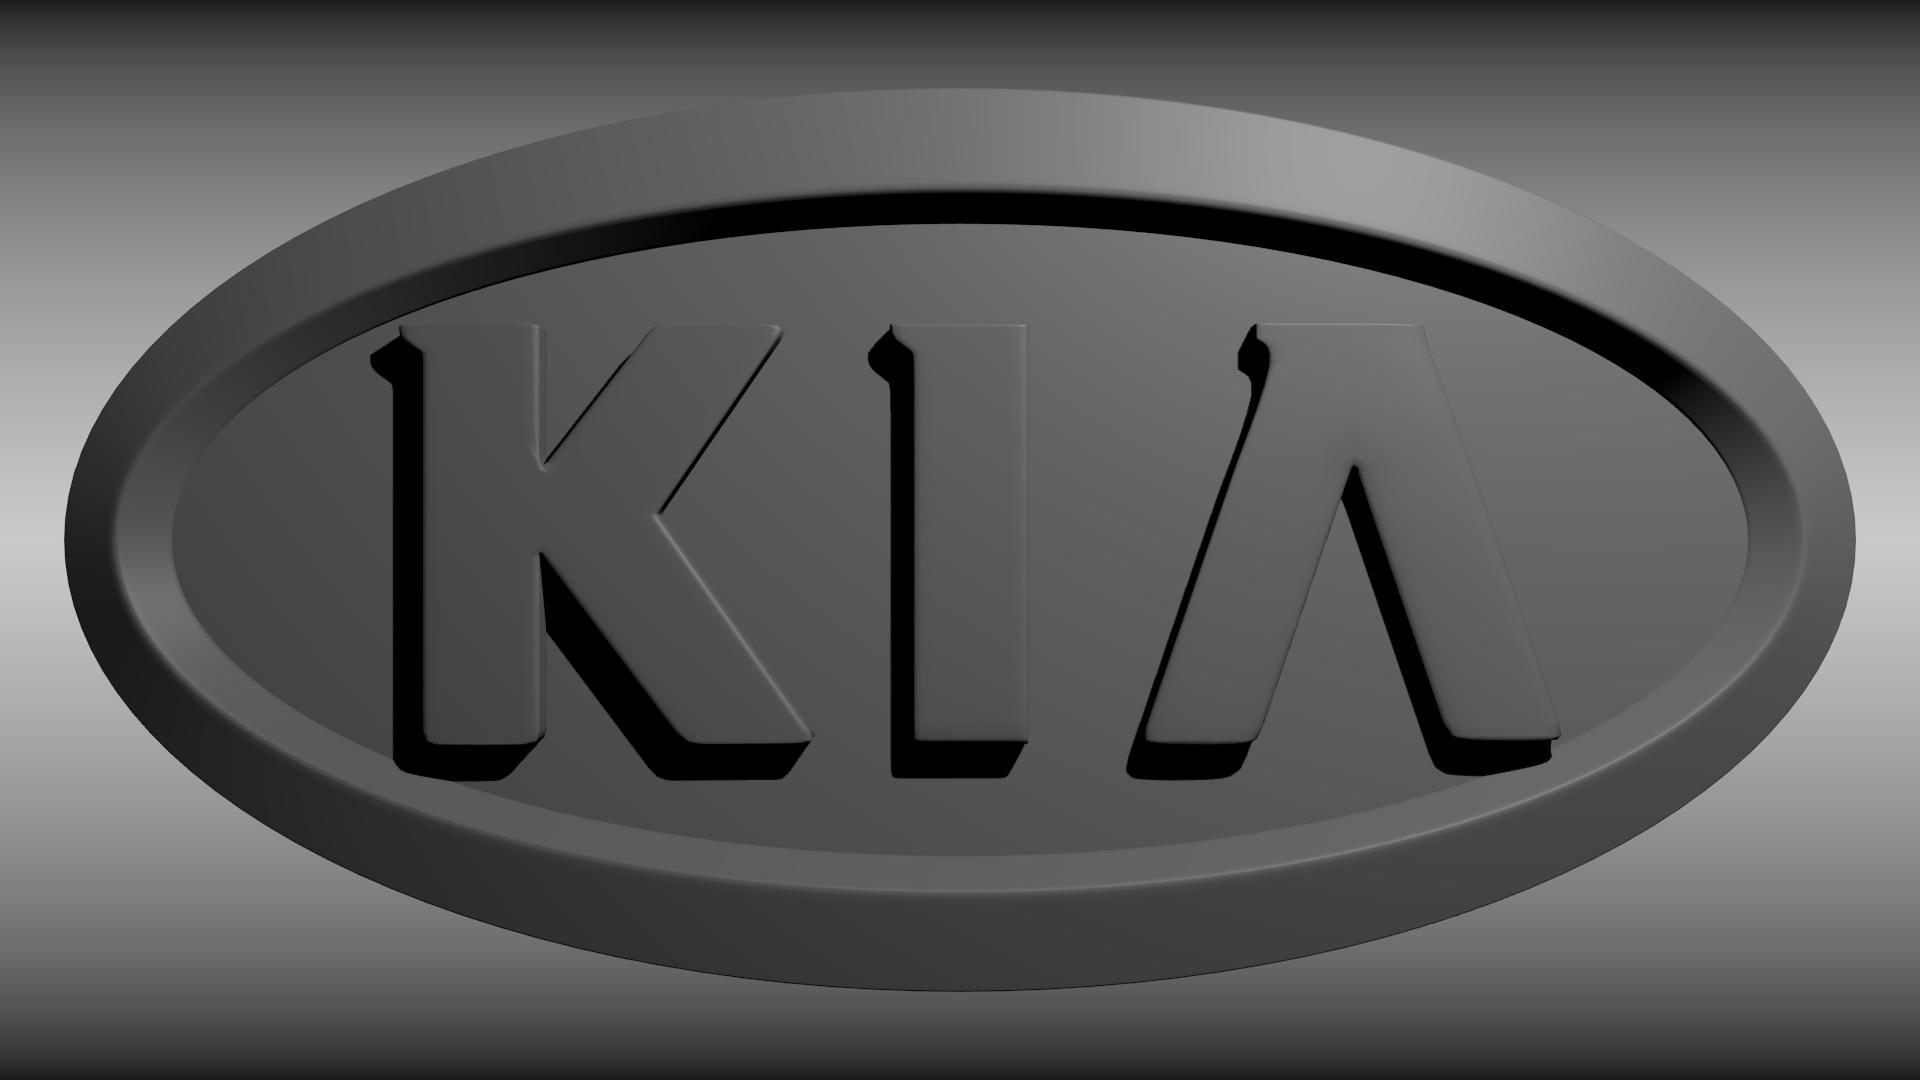 logo watch kia new